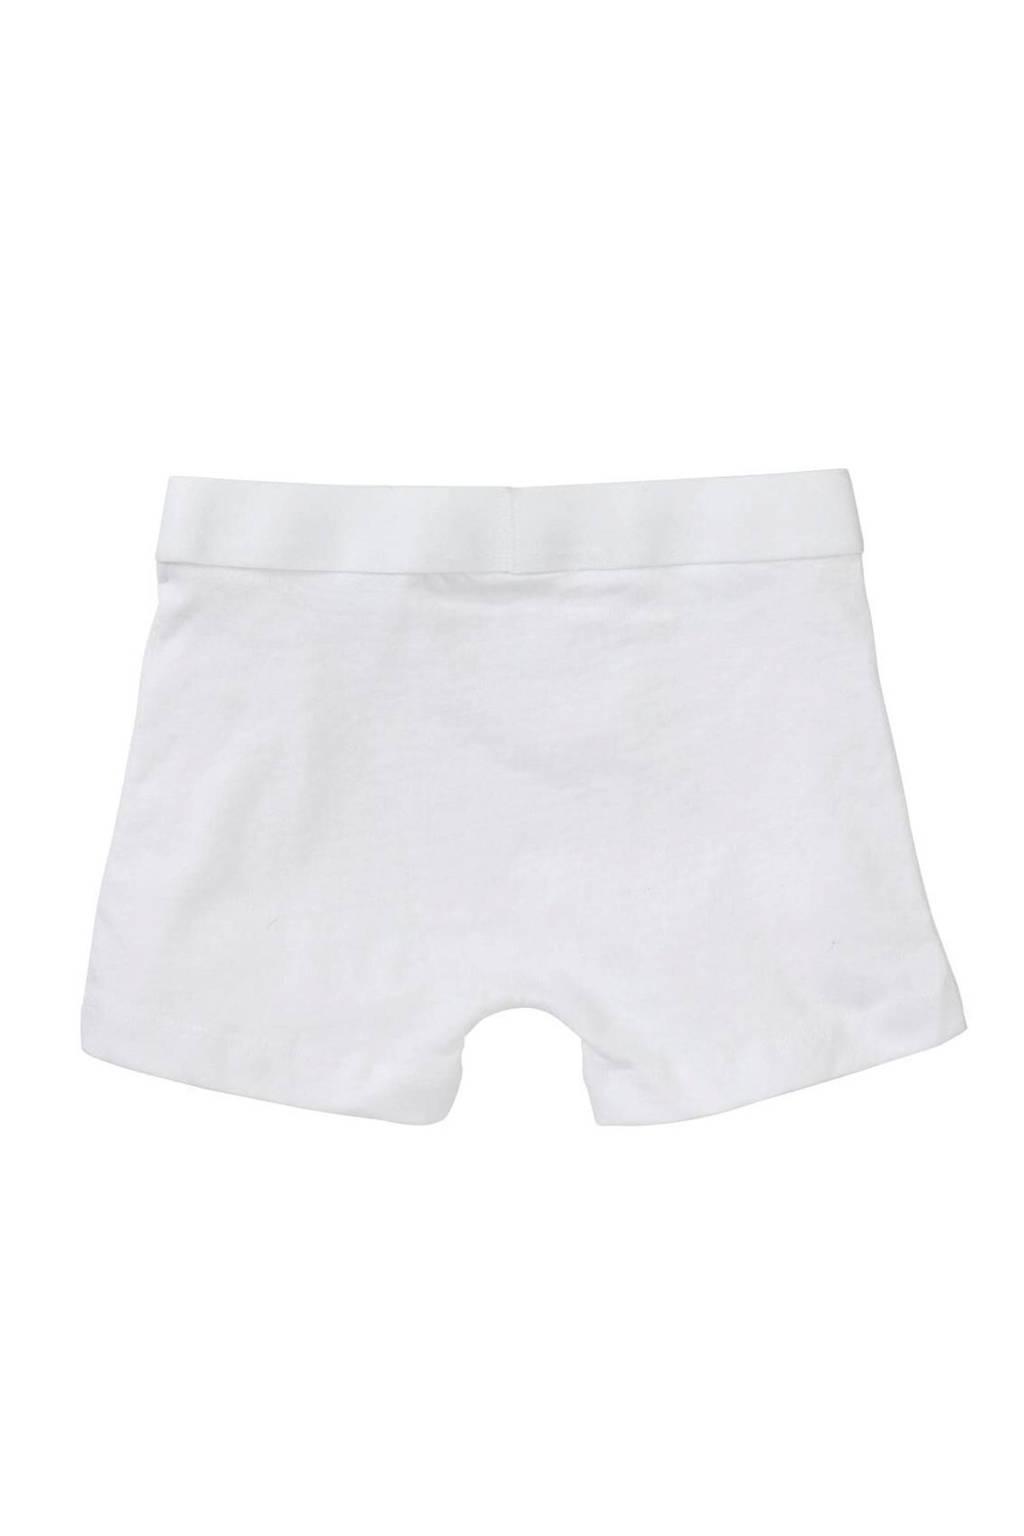 HEMA   boxershort - set van 3, Wit